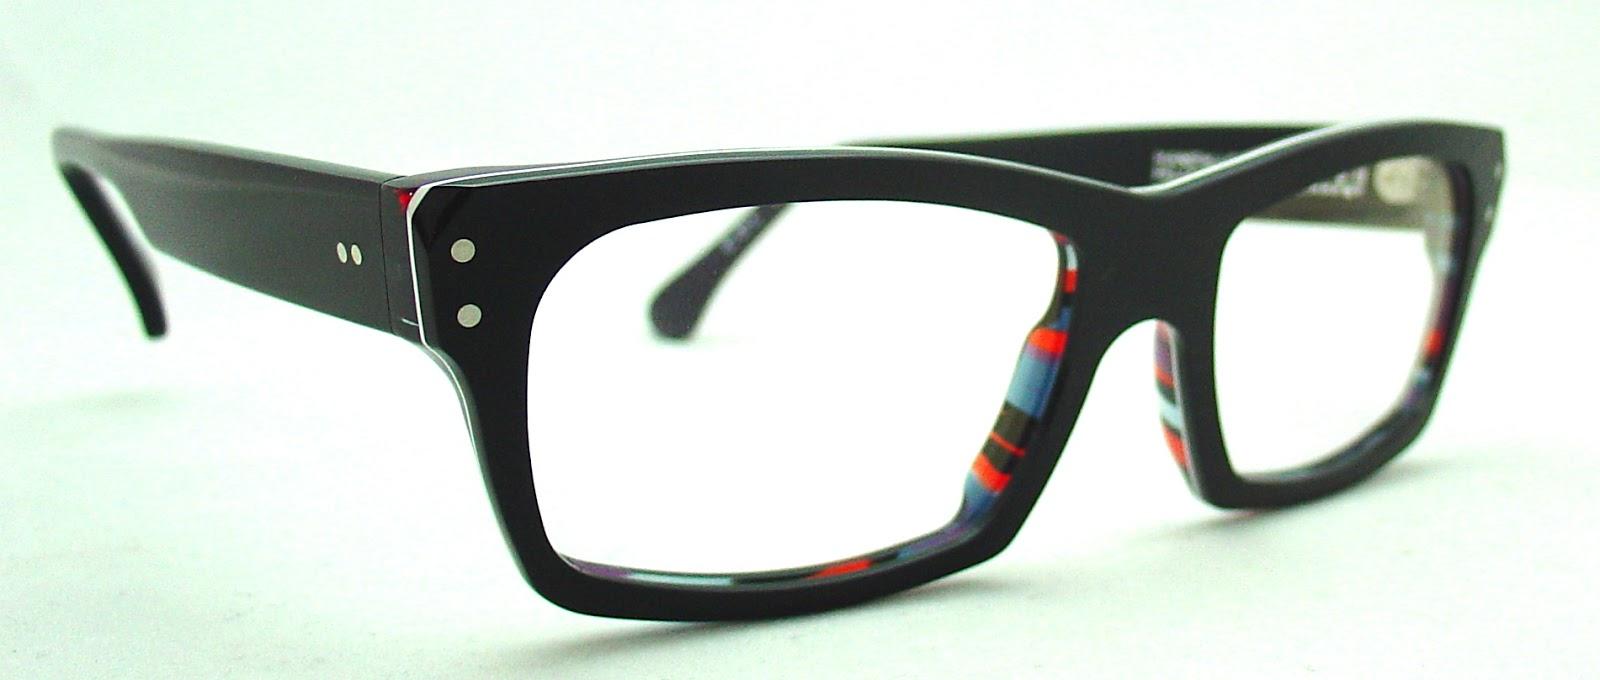 vinyl-okuliare-recyklacia-obnovitelne-zdroje-obchod-ekologicky-slnecne-eco-friendly-vinylize-8